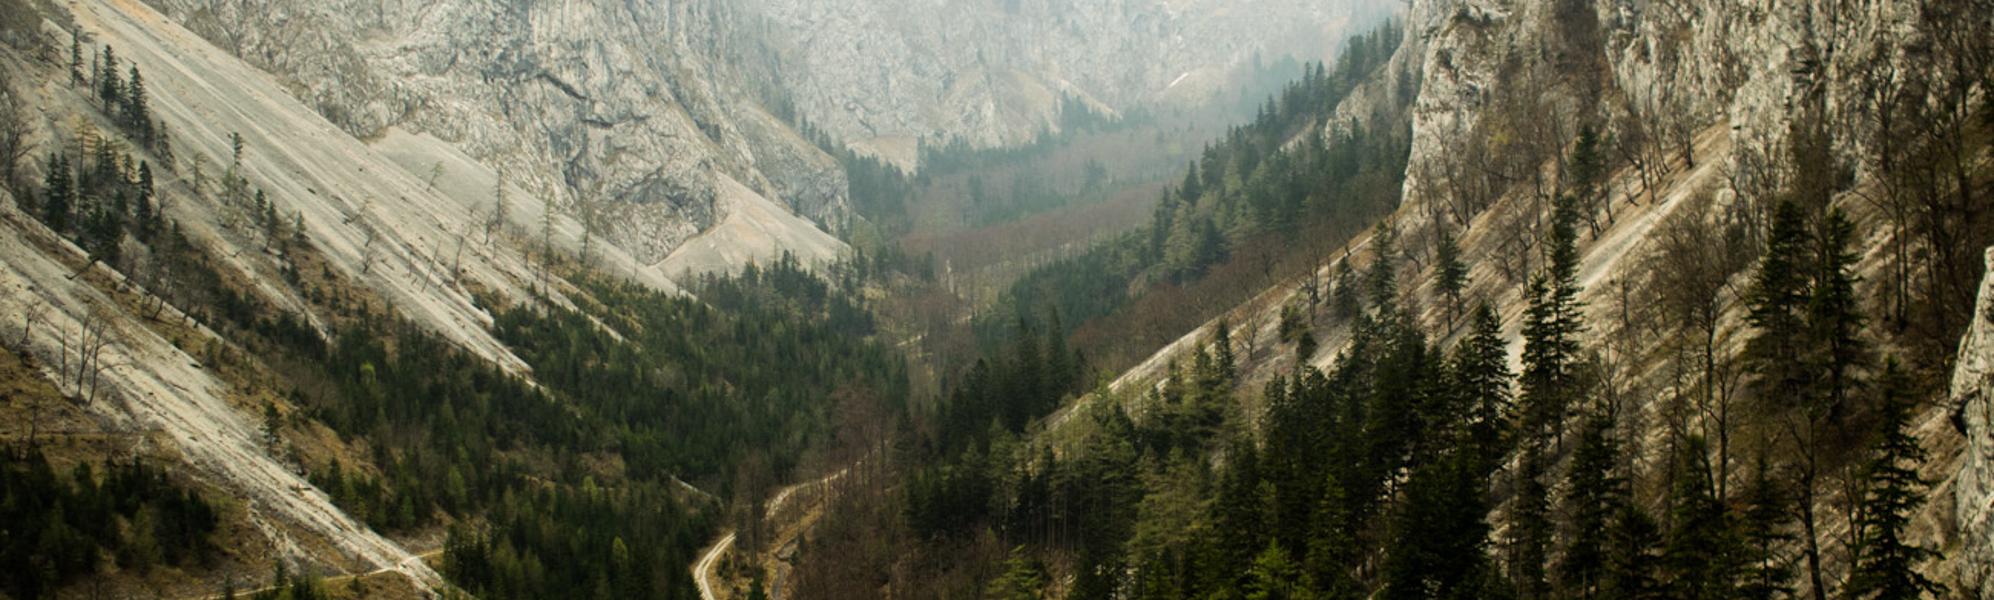 Landschaftsbild